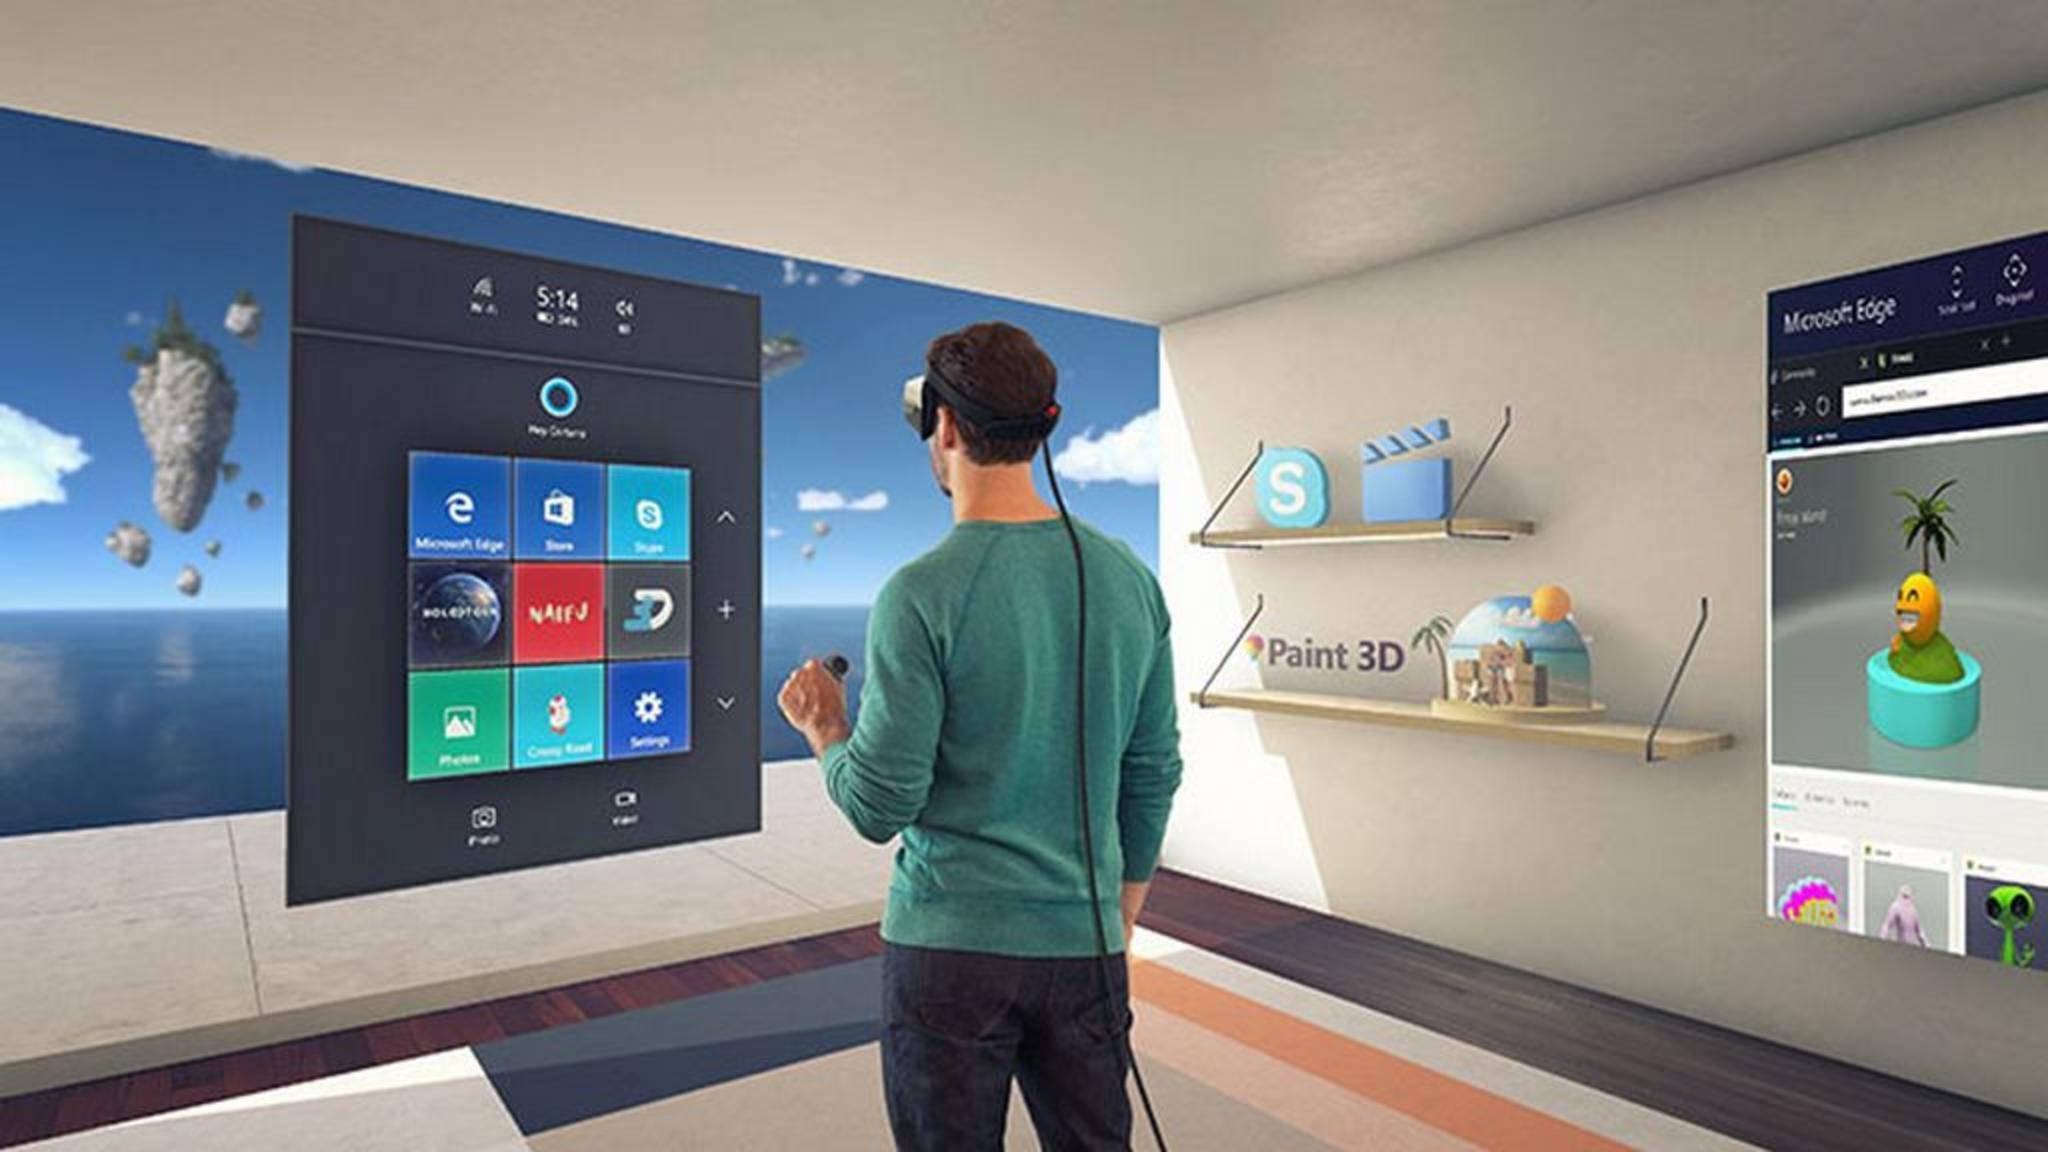 Windows 10 soll sich bald mit VR-Brillen steuern lassen.